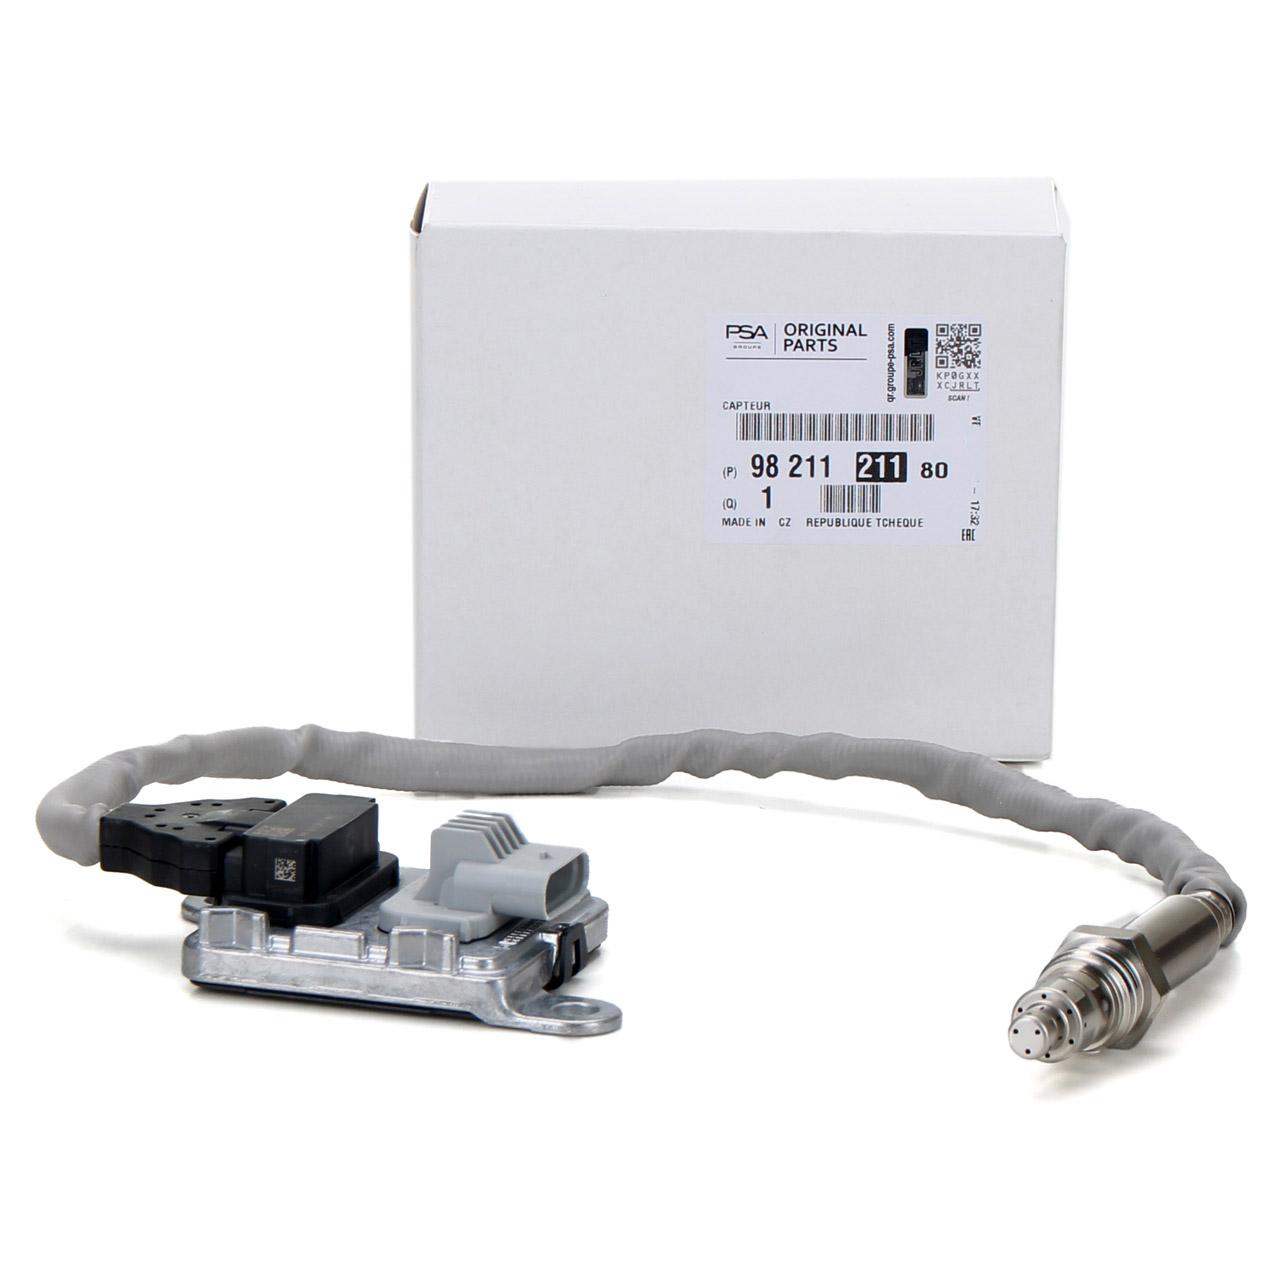 ORIGINAL PSA NOx-Sensor Berlingo C5 III Jumpy 508 I Expert Partner 9821121180